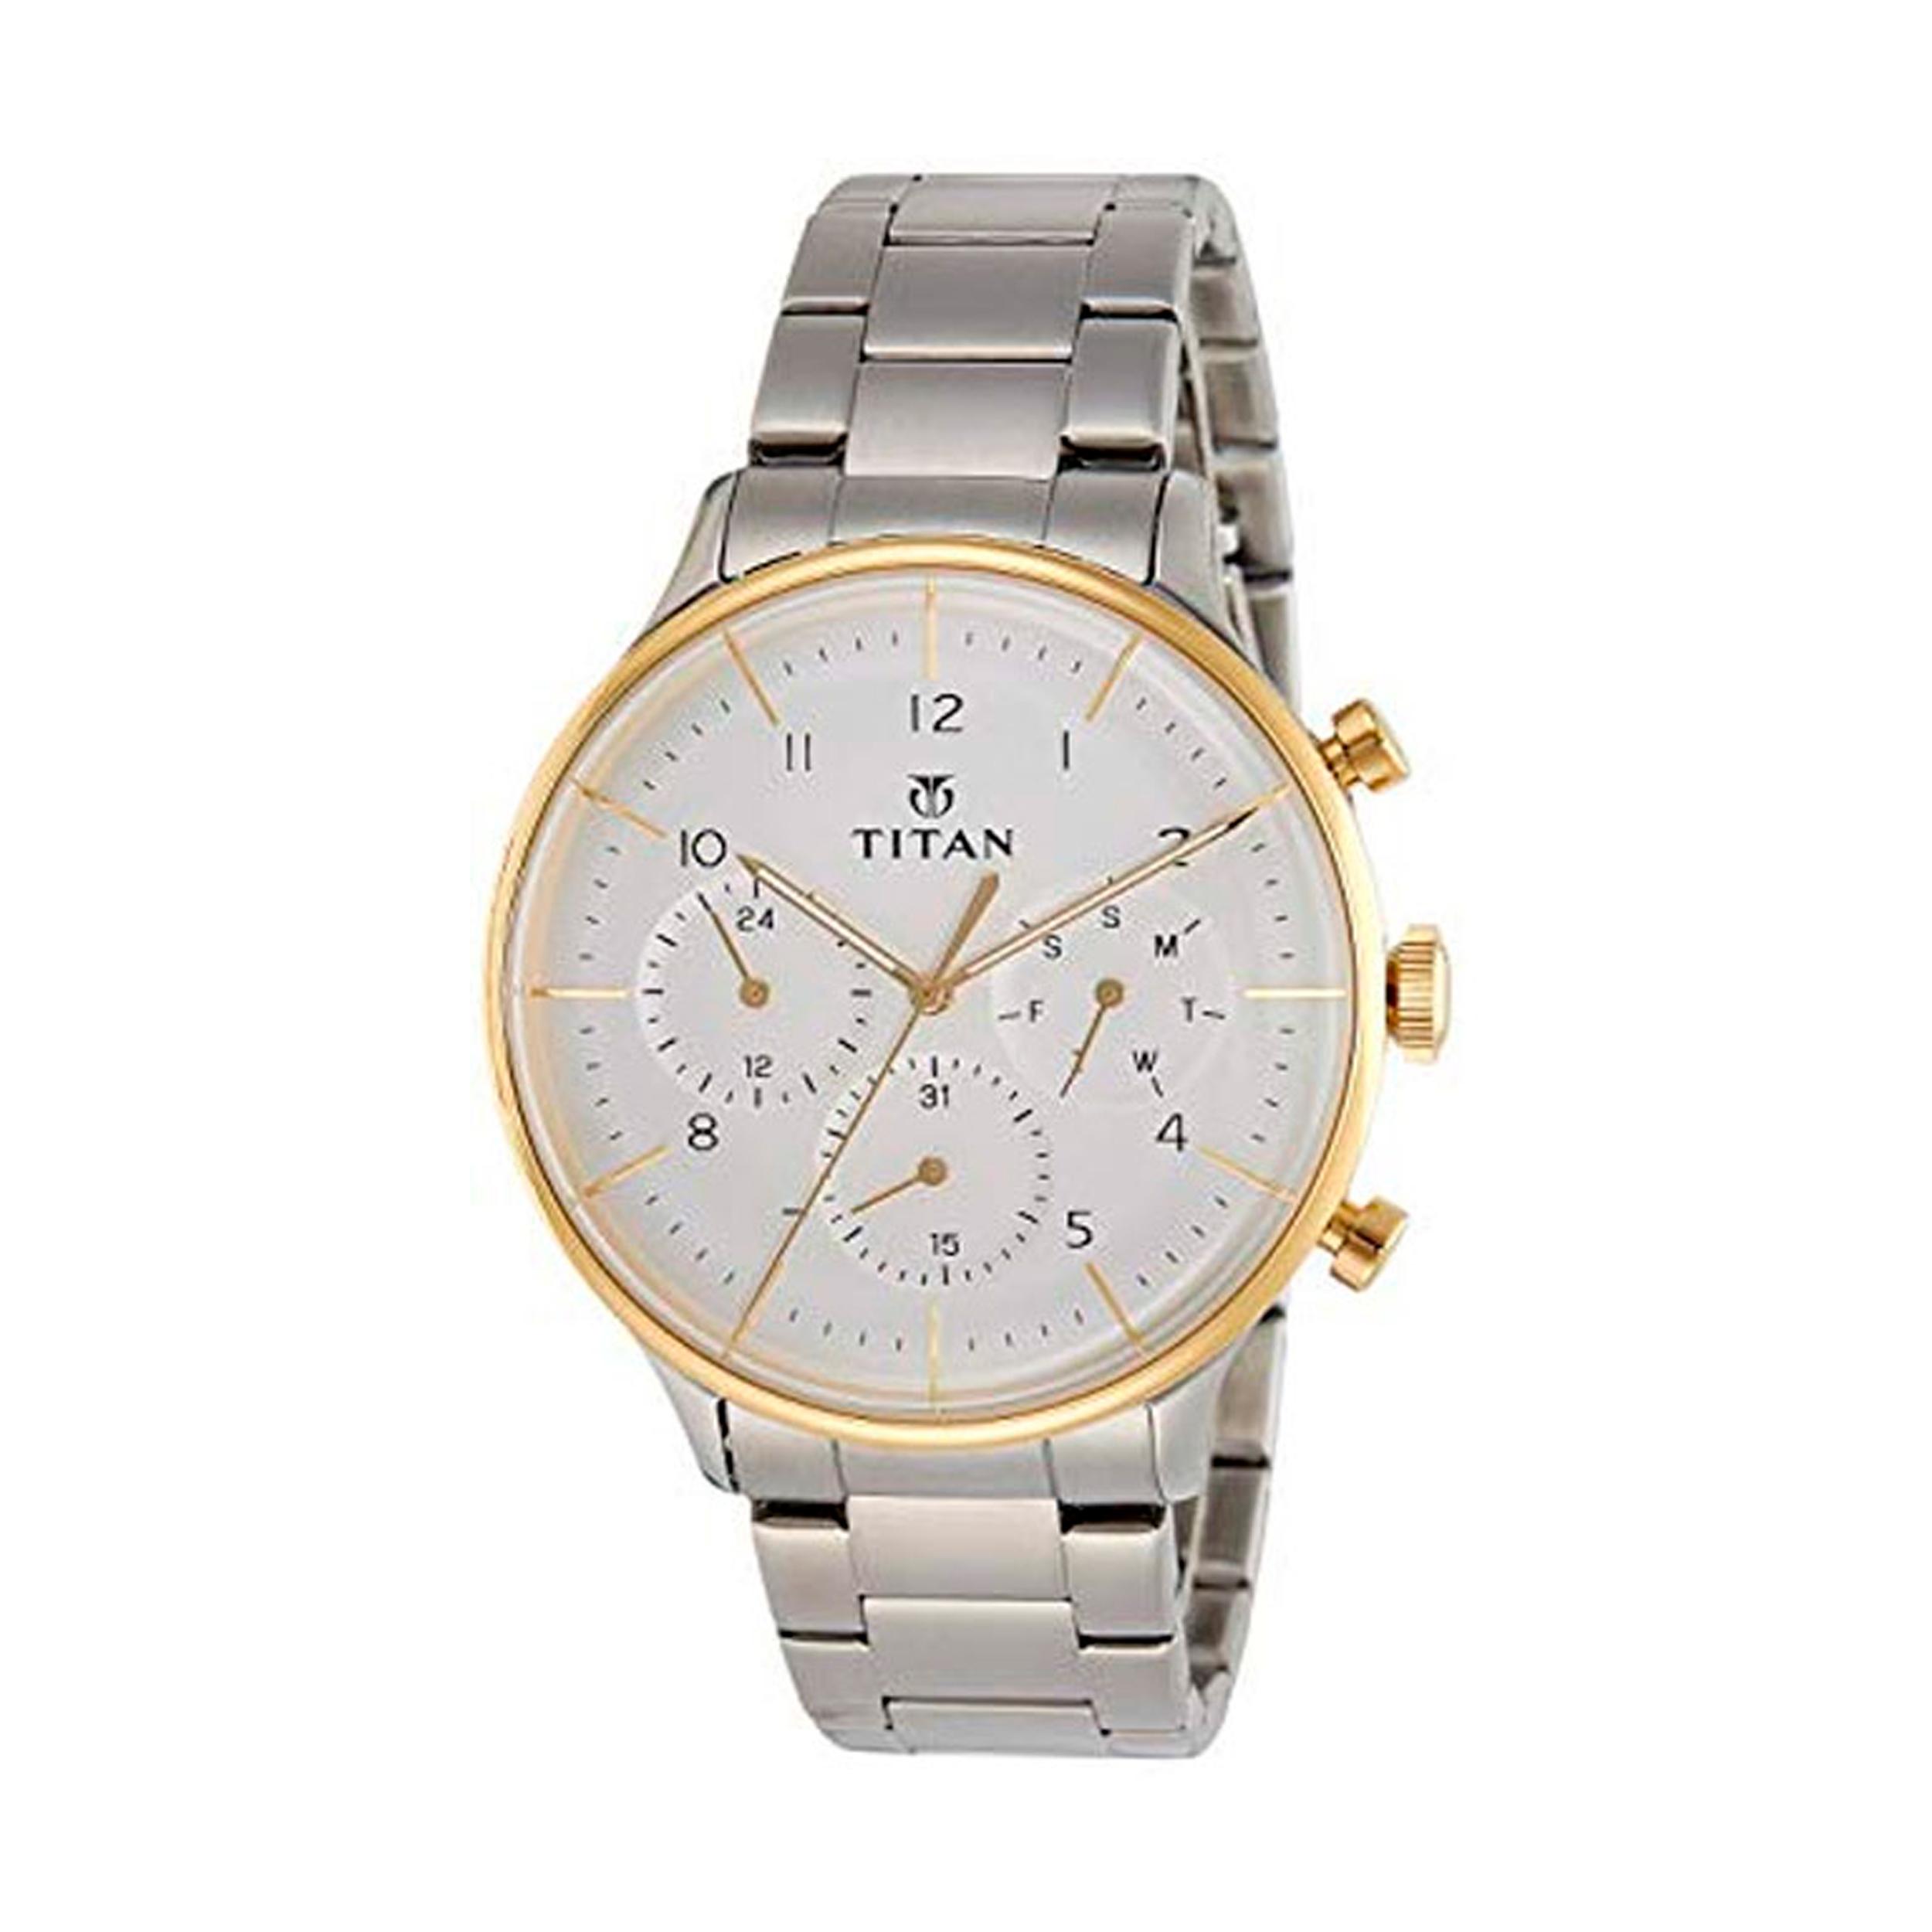 ساعت مچی عقربه ای مردانه تیتان مدل T90102BM01